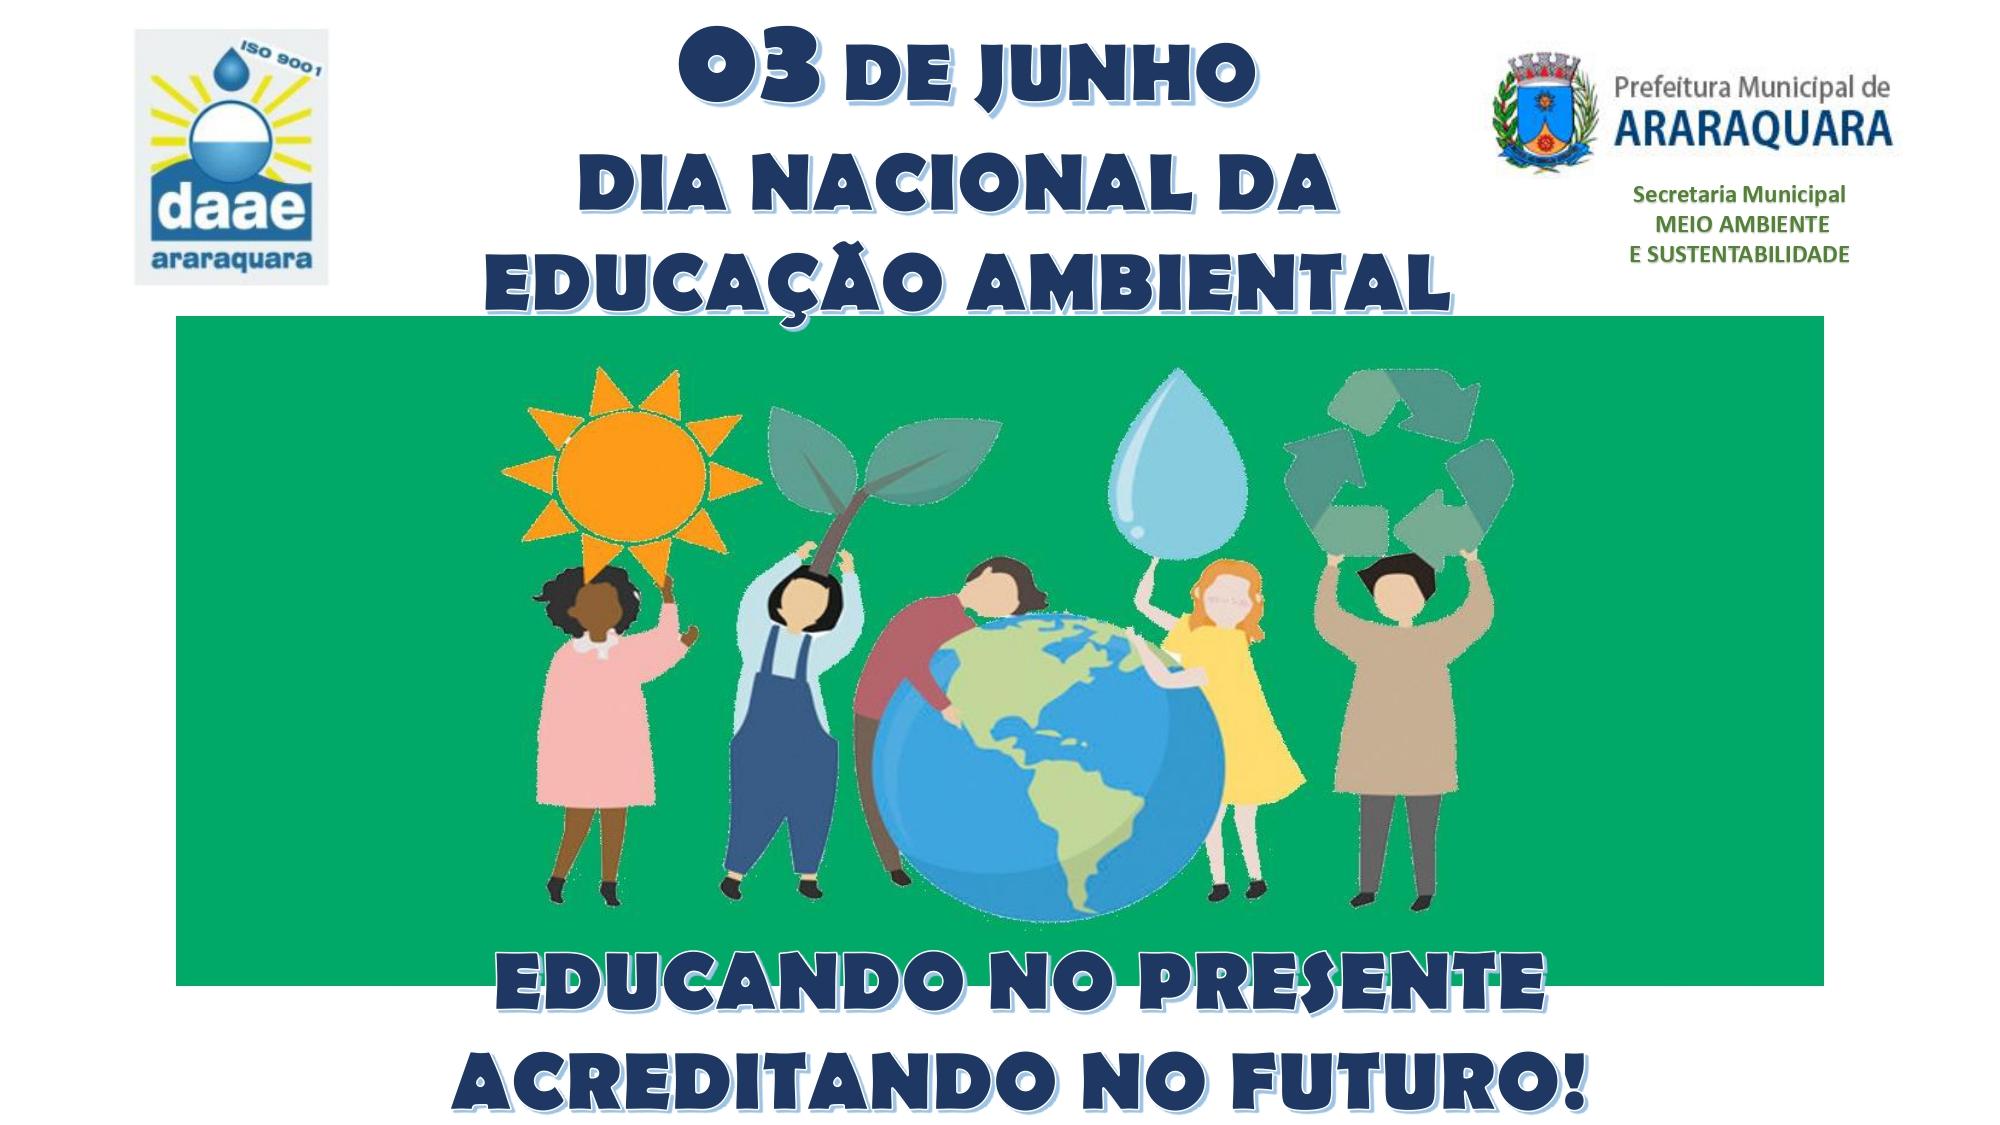 03 de junho – Dia Nacional da Educação Ambiental